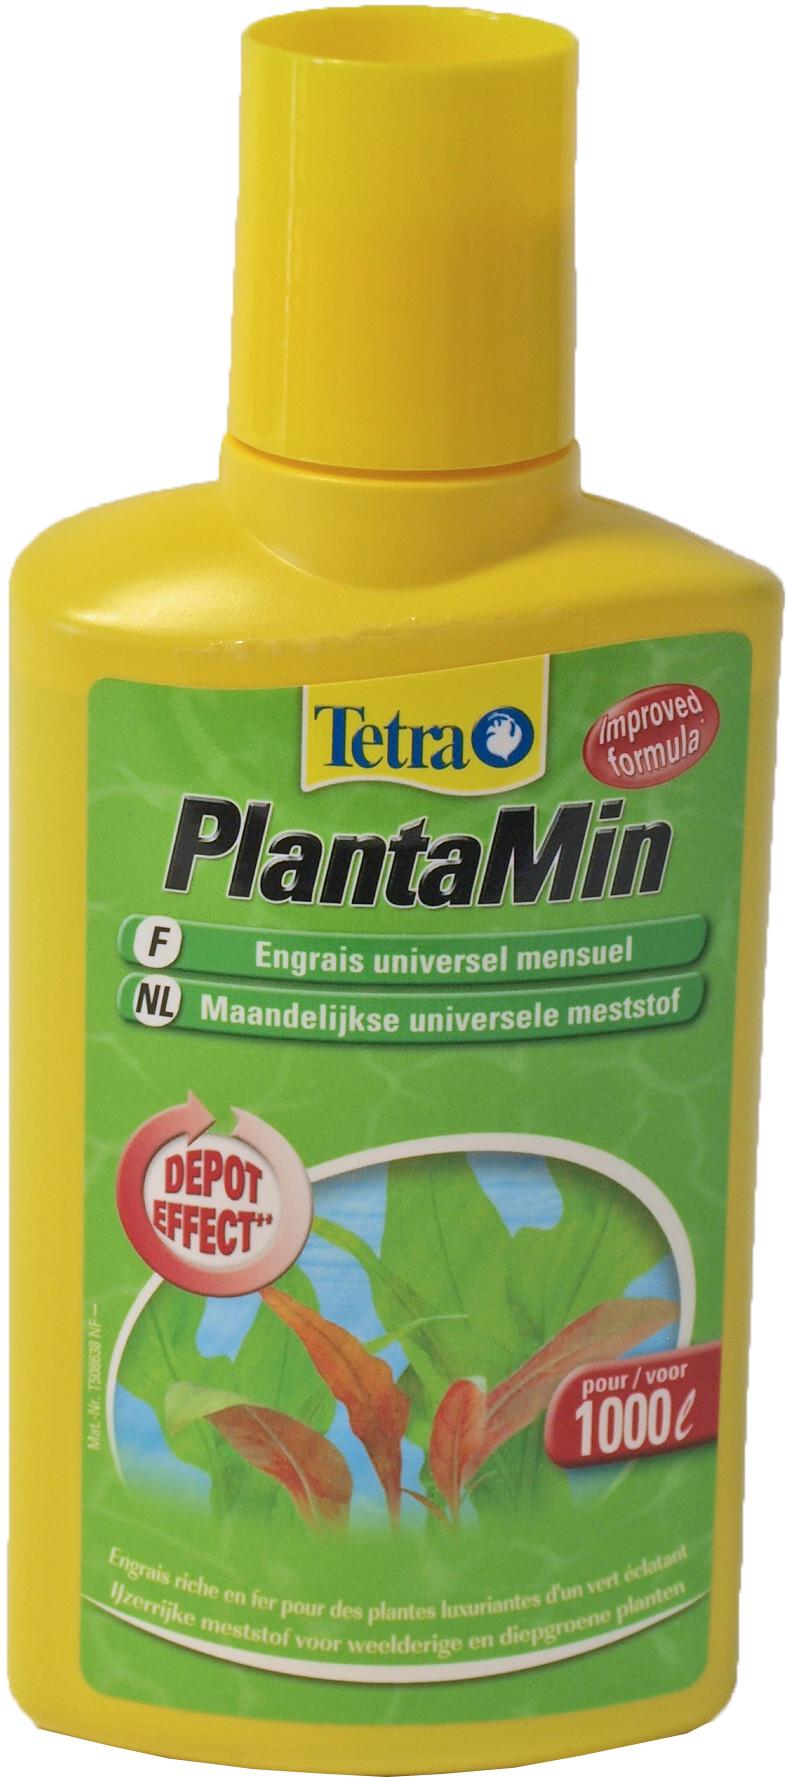 Tetra Plant Planta Min 250 ml